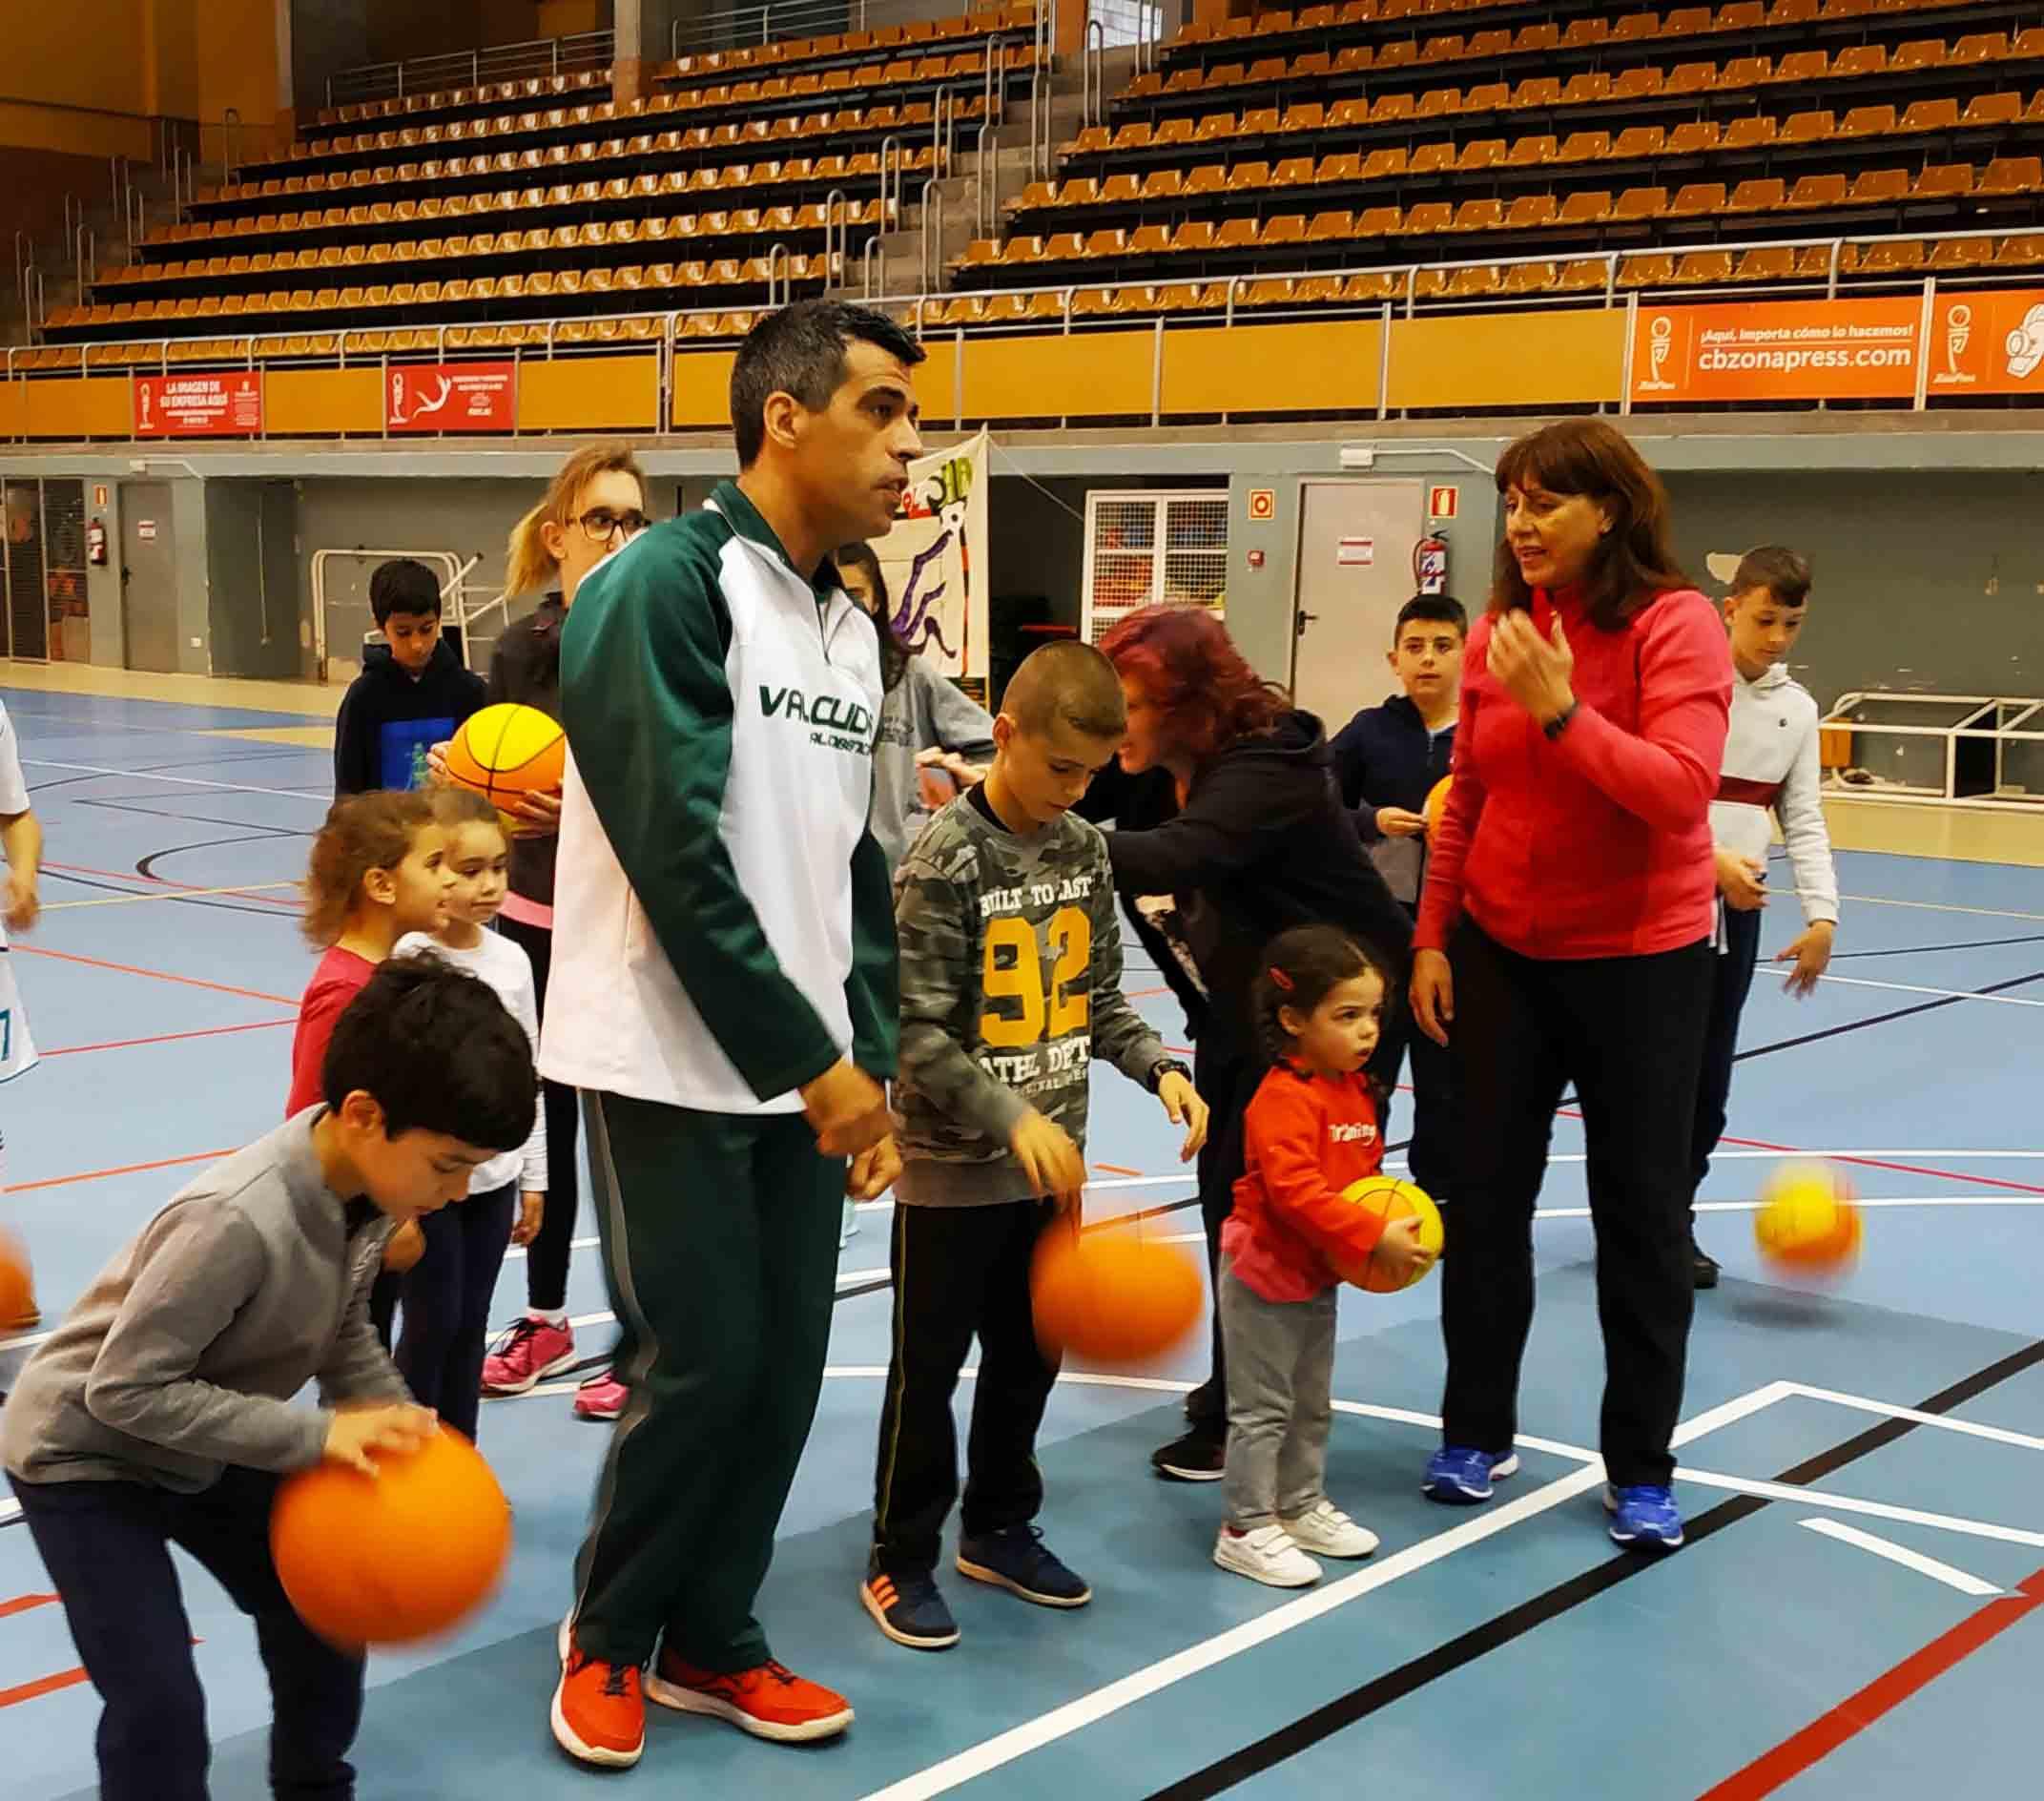 Deporte e inclusión, éxito del XXI Torneo de fútbol APADIS